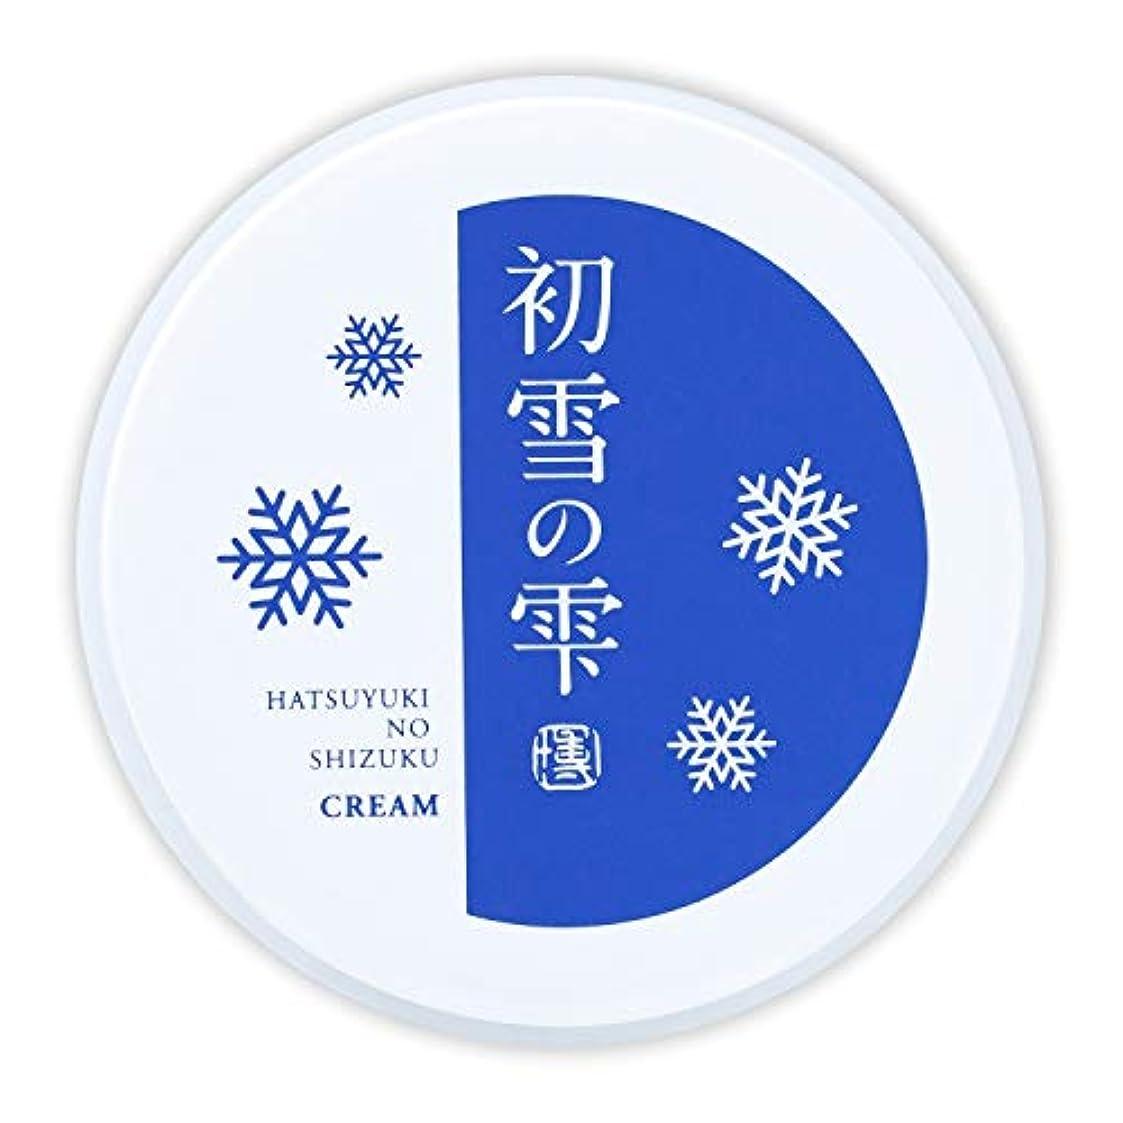 巨大な急降下節約する初雪の雫 オールインワン 保湿 クリーム 27g 約2週間分 [プラセンタ ヒアルロン酸 セラミド アルブチン ビタミンC ]